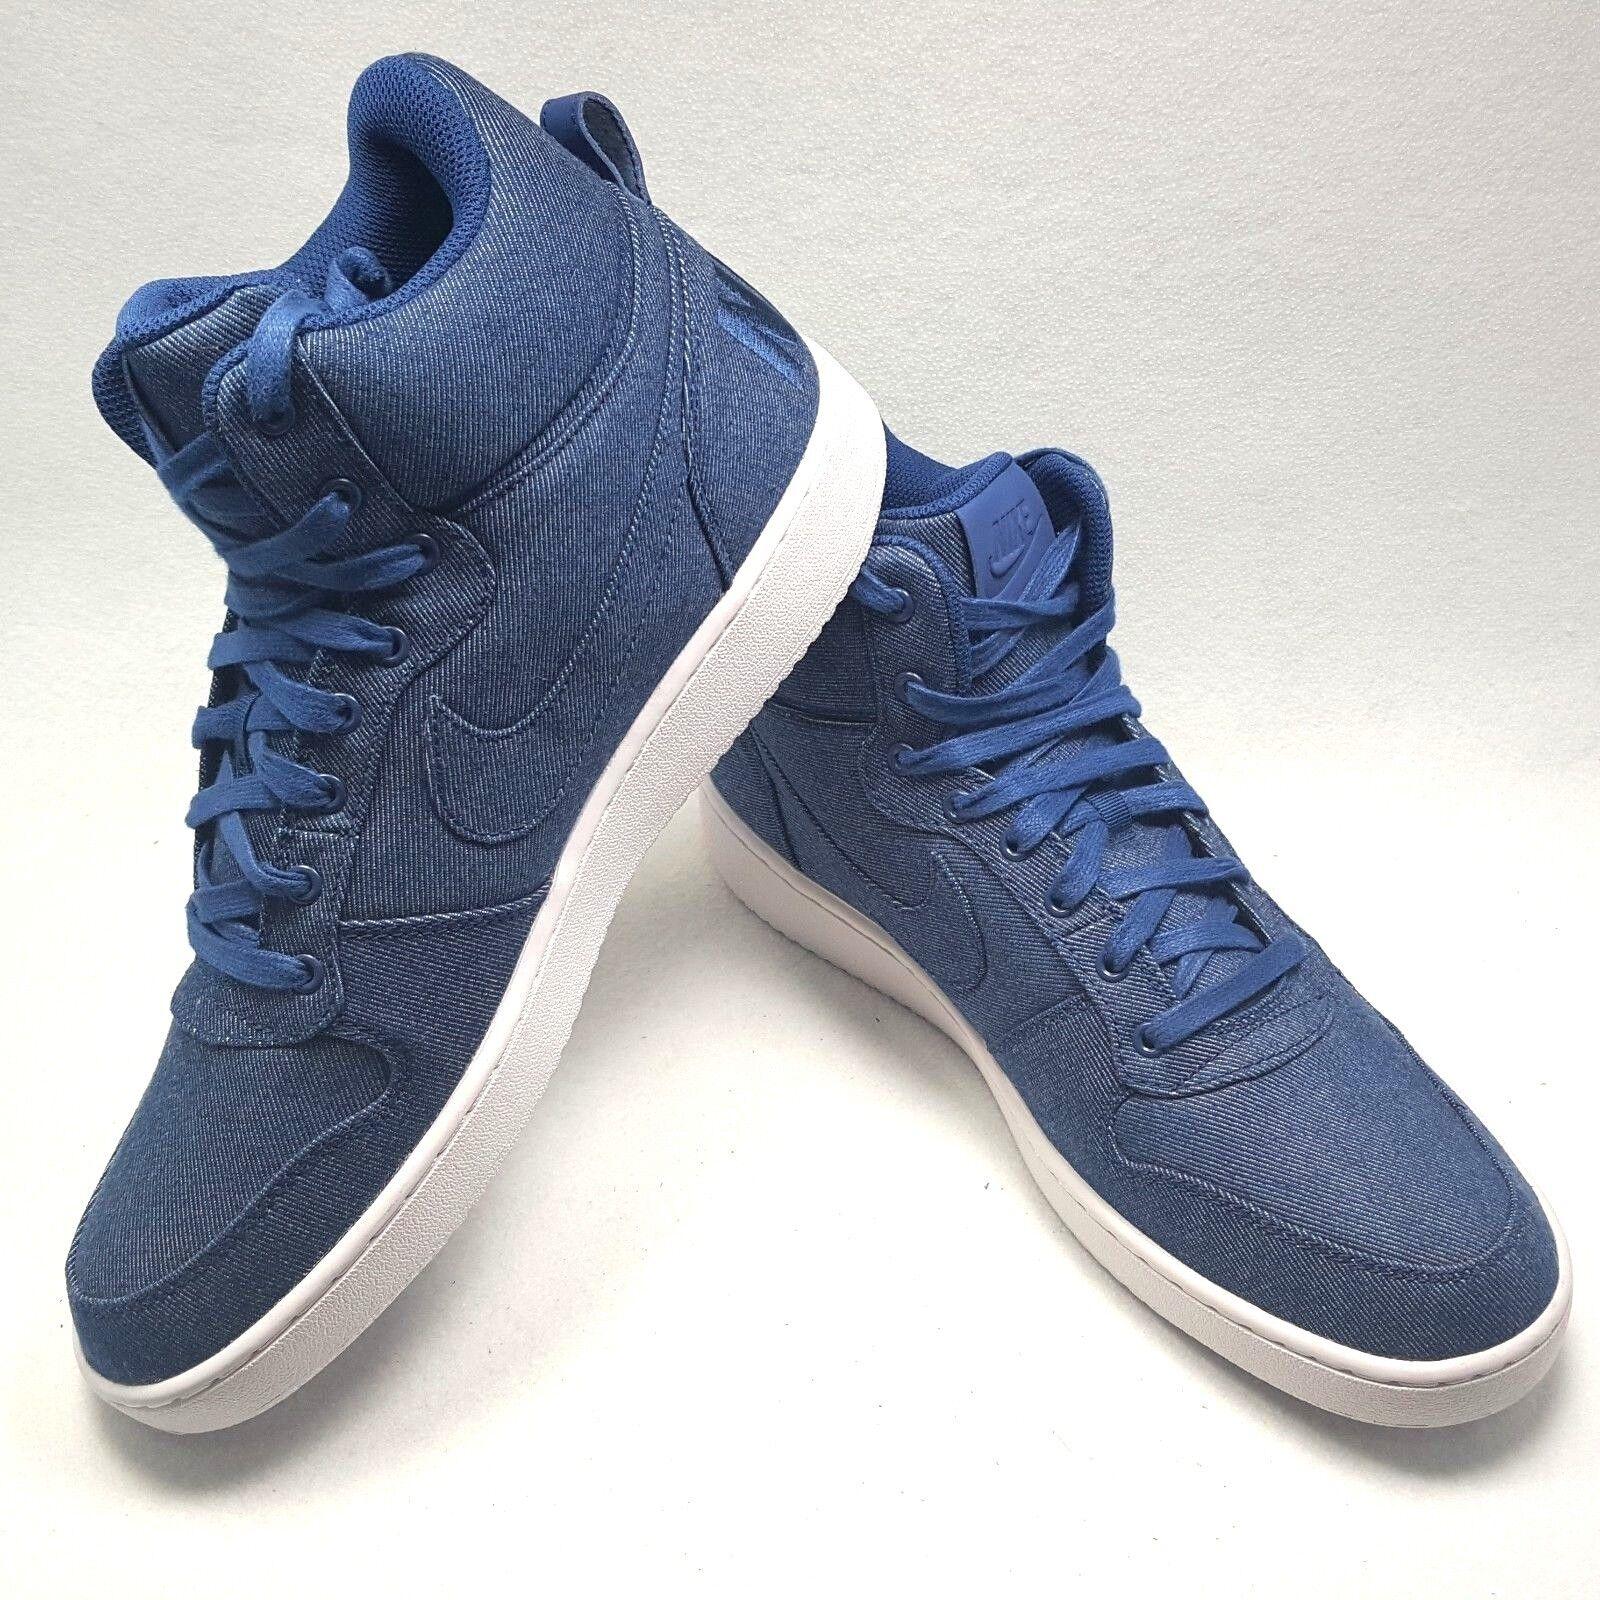 Nike Nike Nike Hof BGoldugh Mid Denim Coastal Blau Turnschuhe 844884-400 Herren Größe 12 Neu 21f2f9